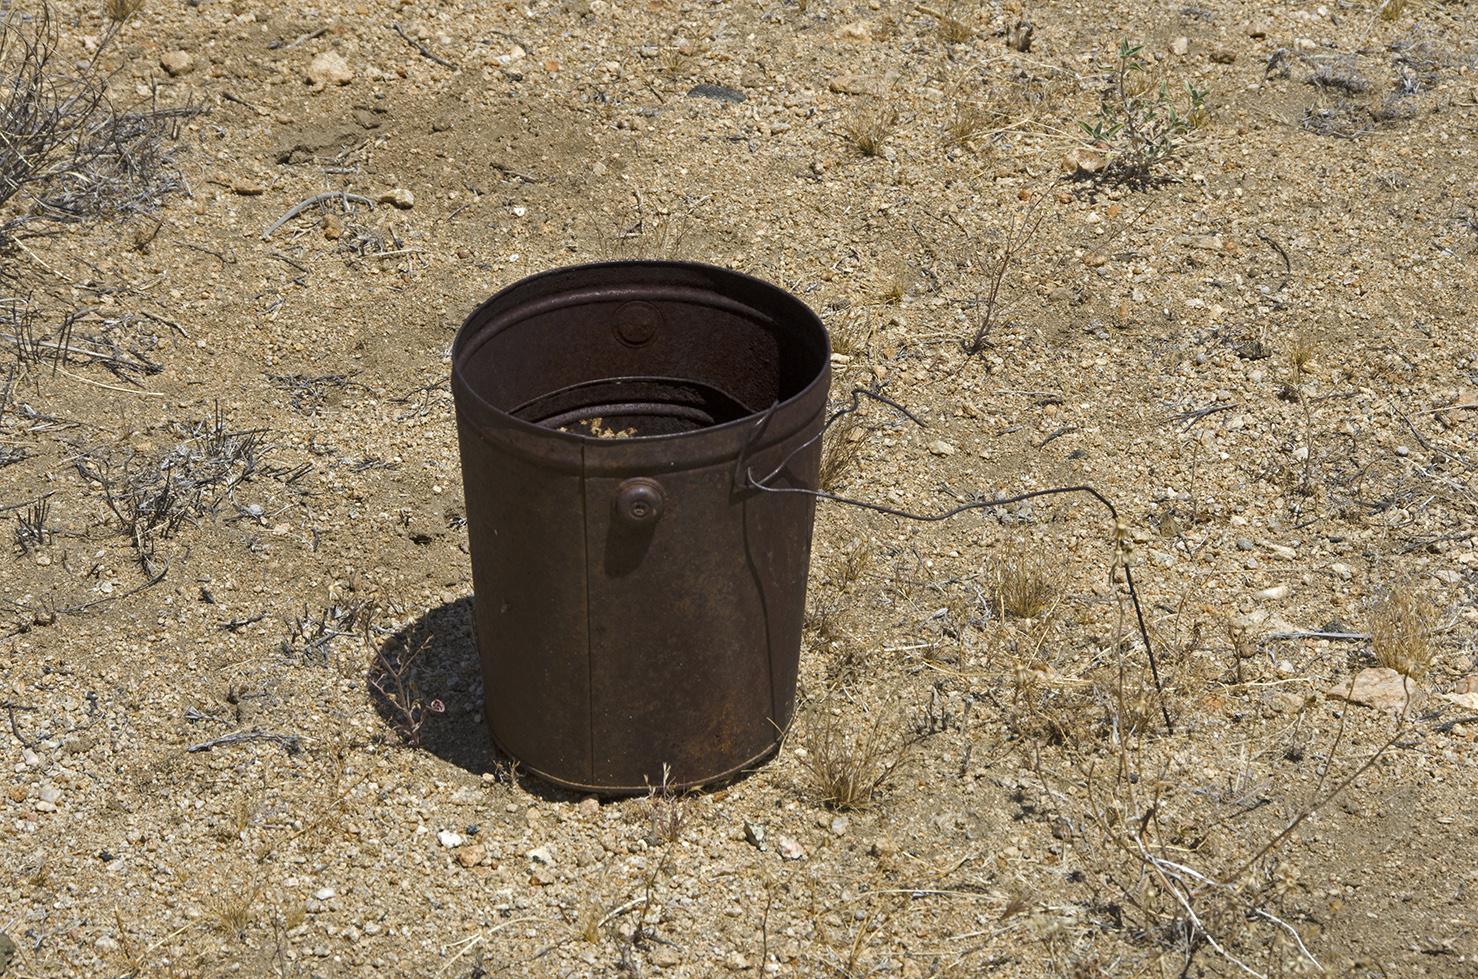 I saw a bucket, I didn't kick it.